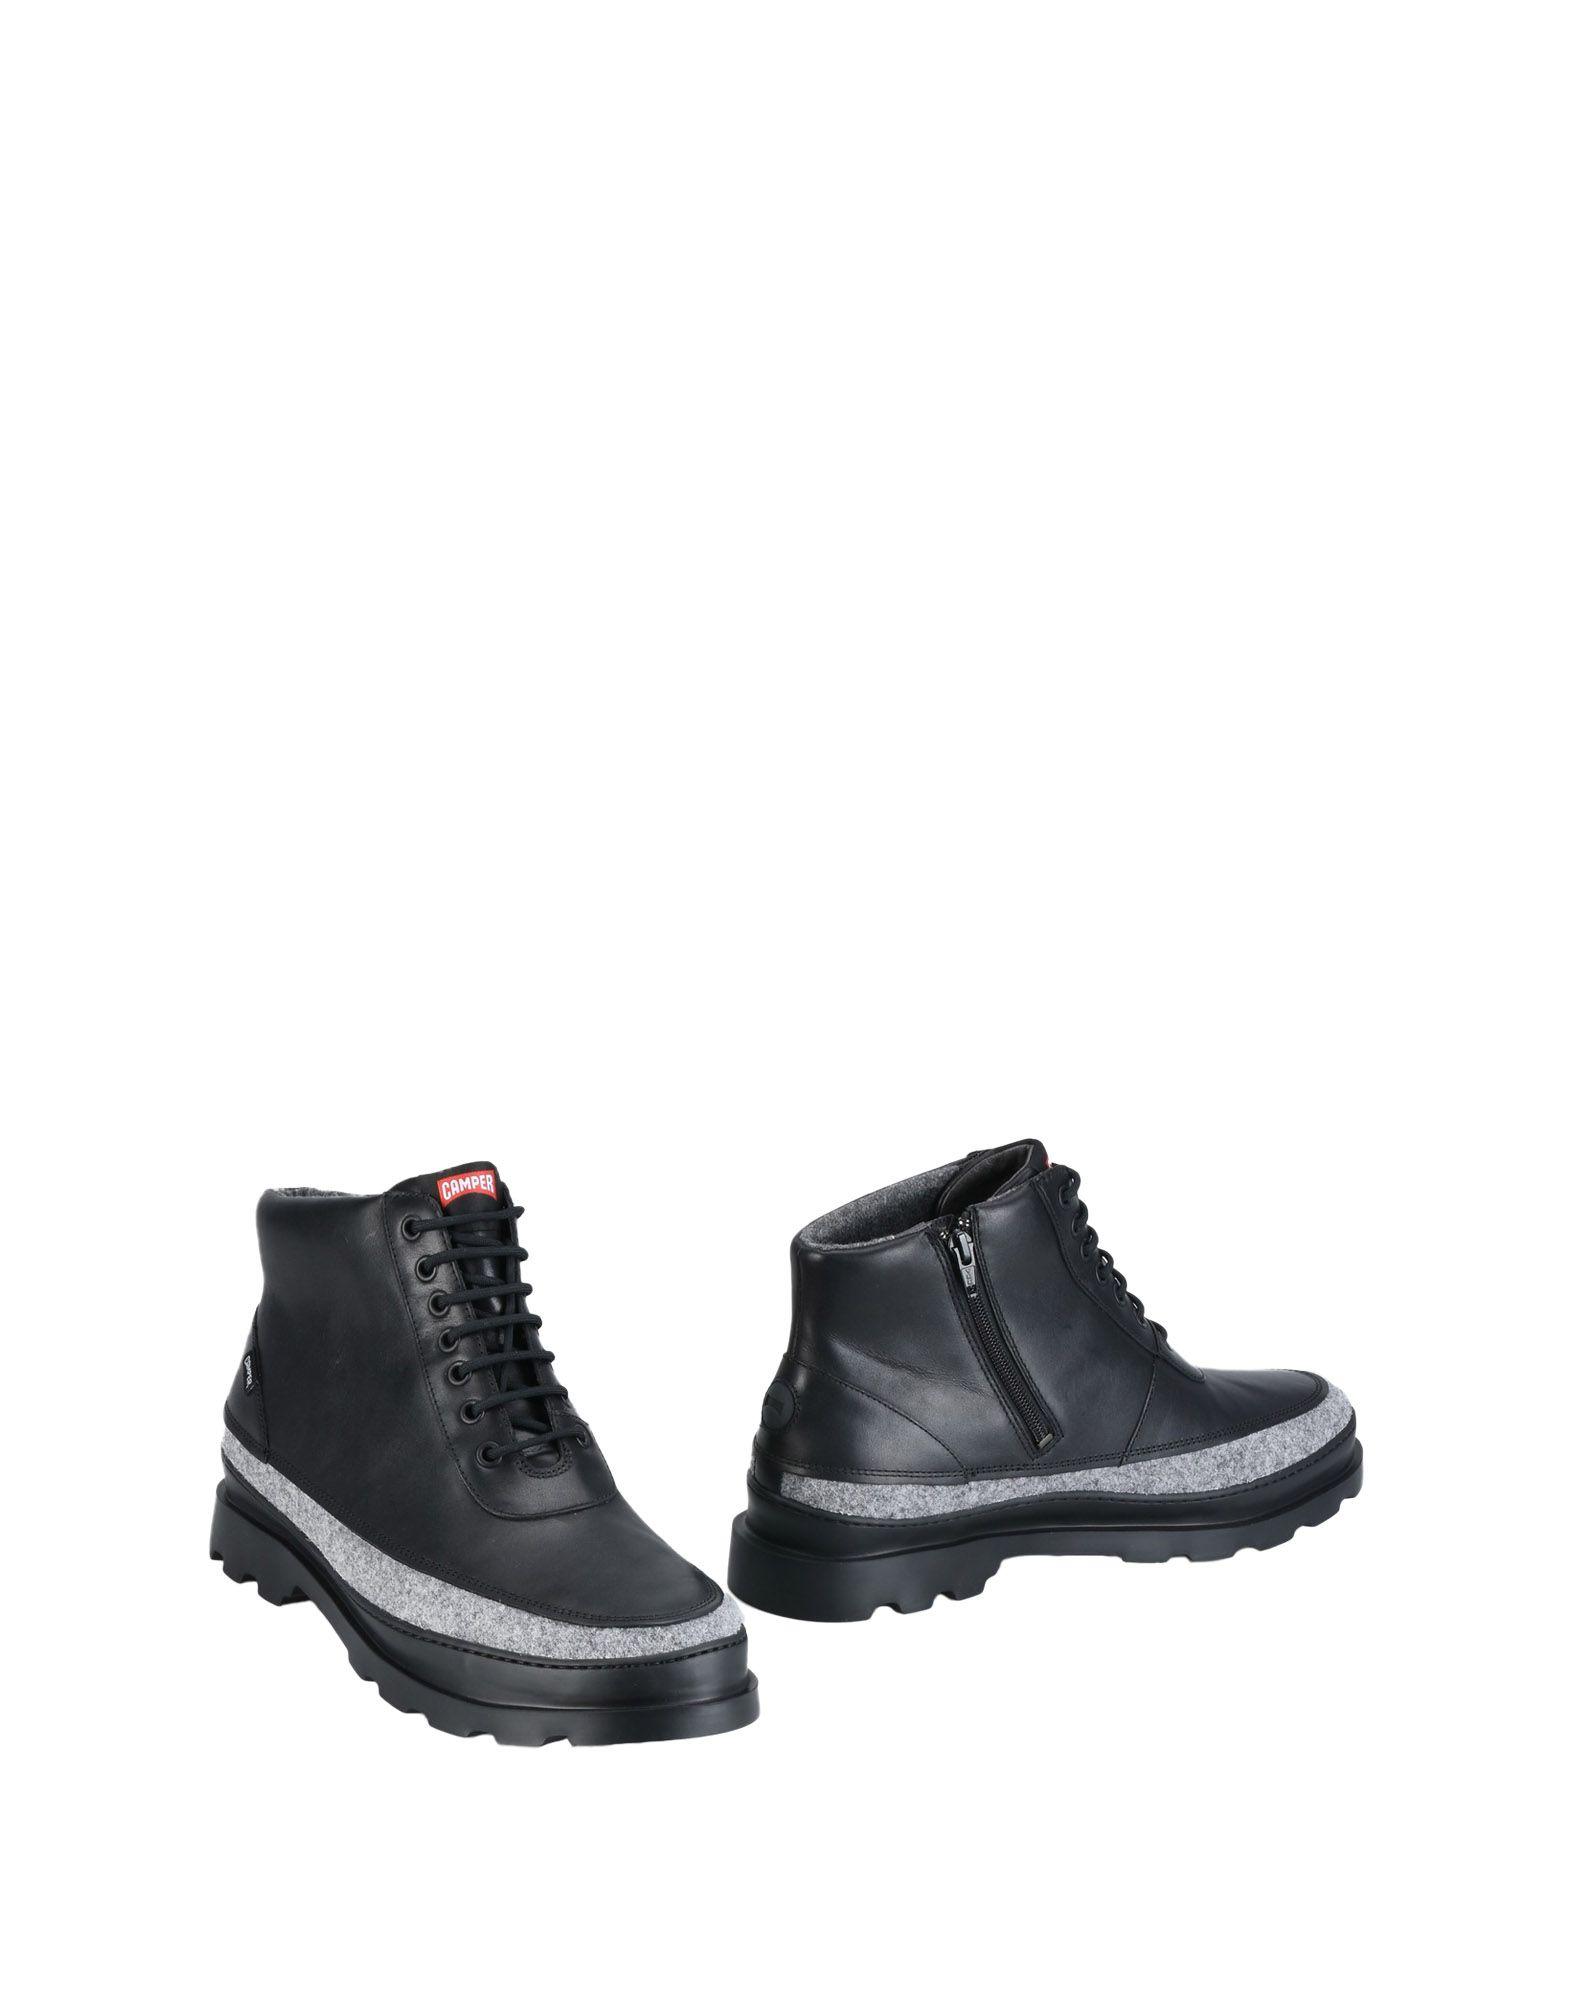 Camper Stiefelette Herren  11356382TL Gute Qualität beliebte Schuhe